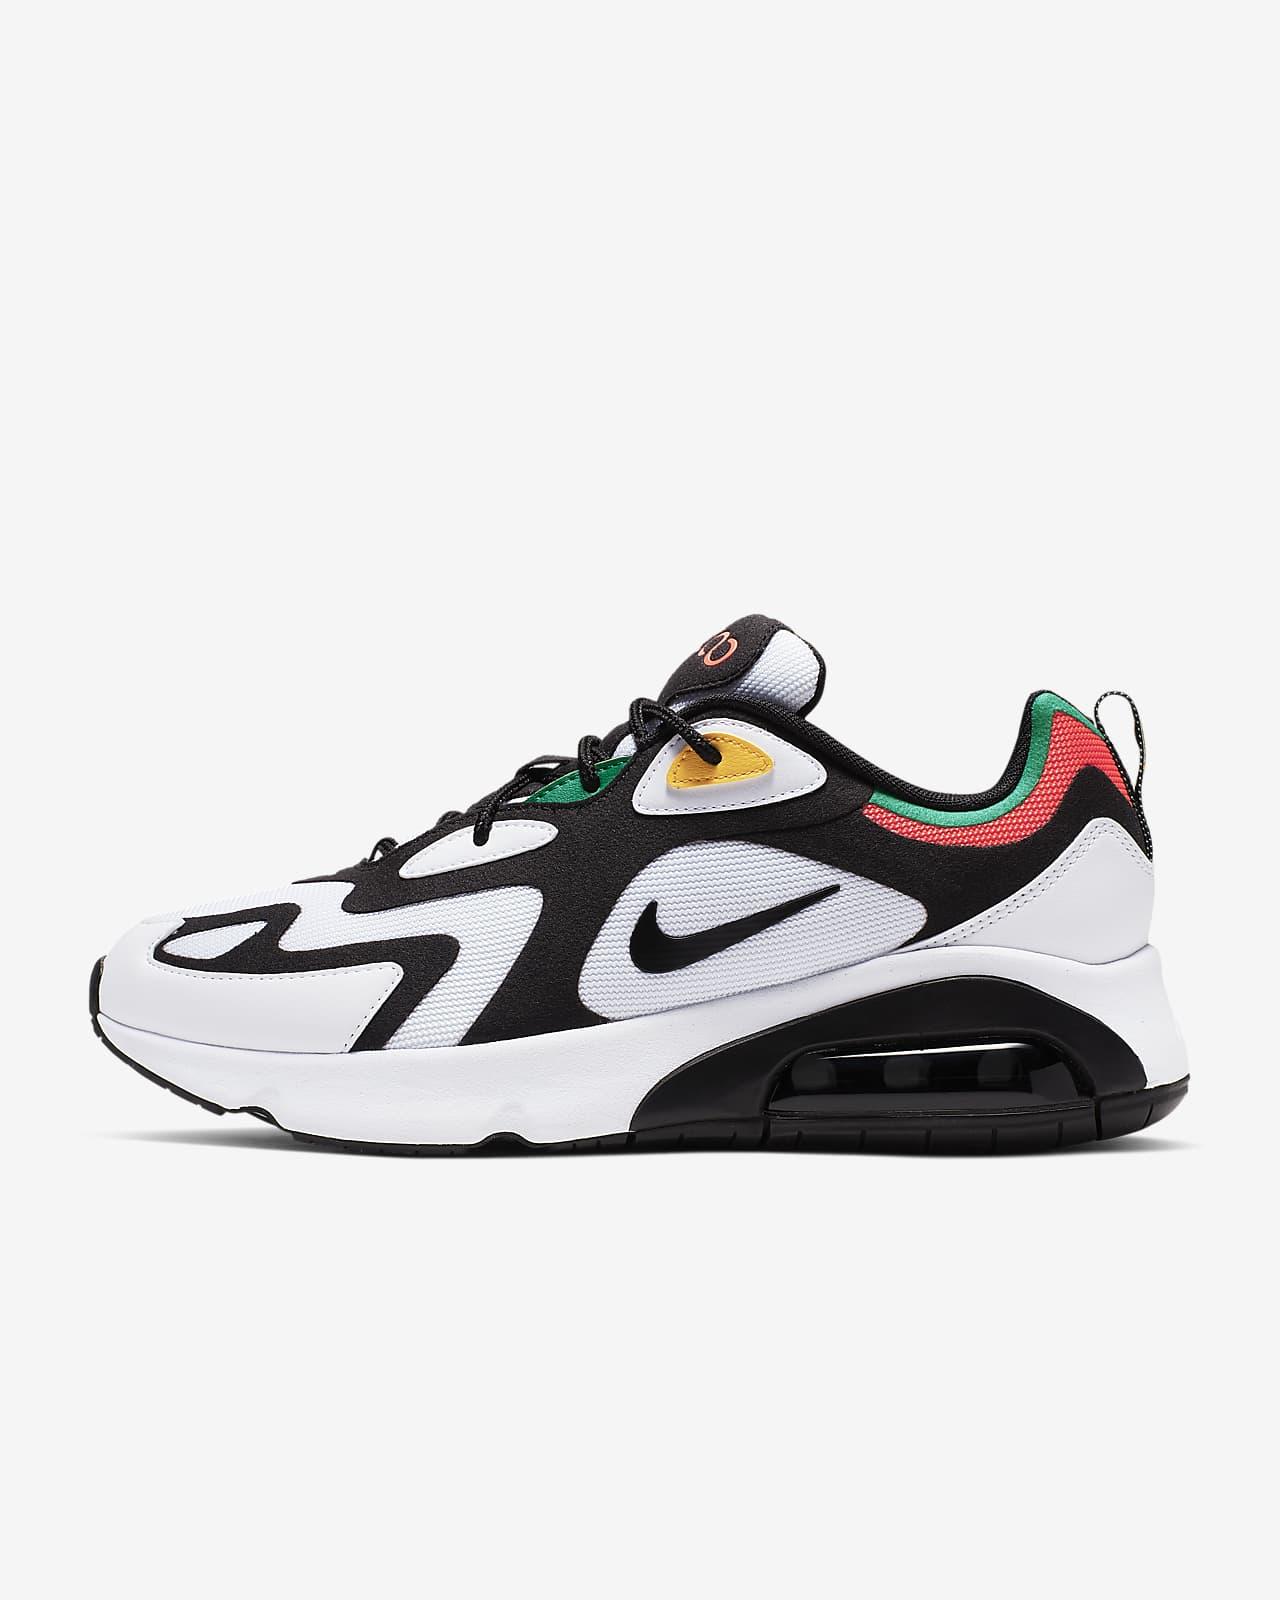 รองเท้าผู้ชาย Nike Air Max 200 (2000 World Stage)